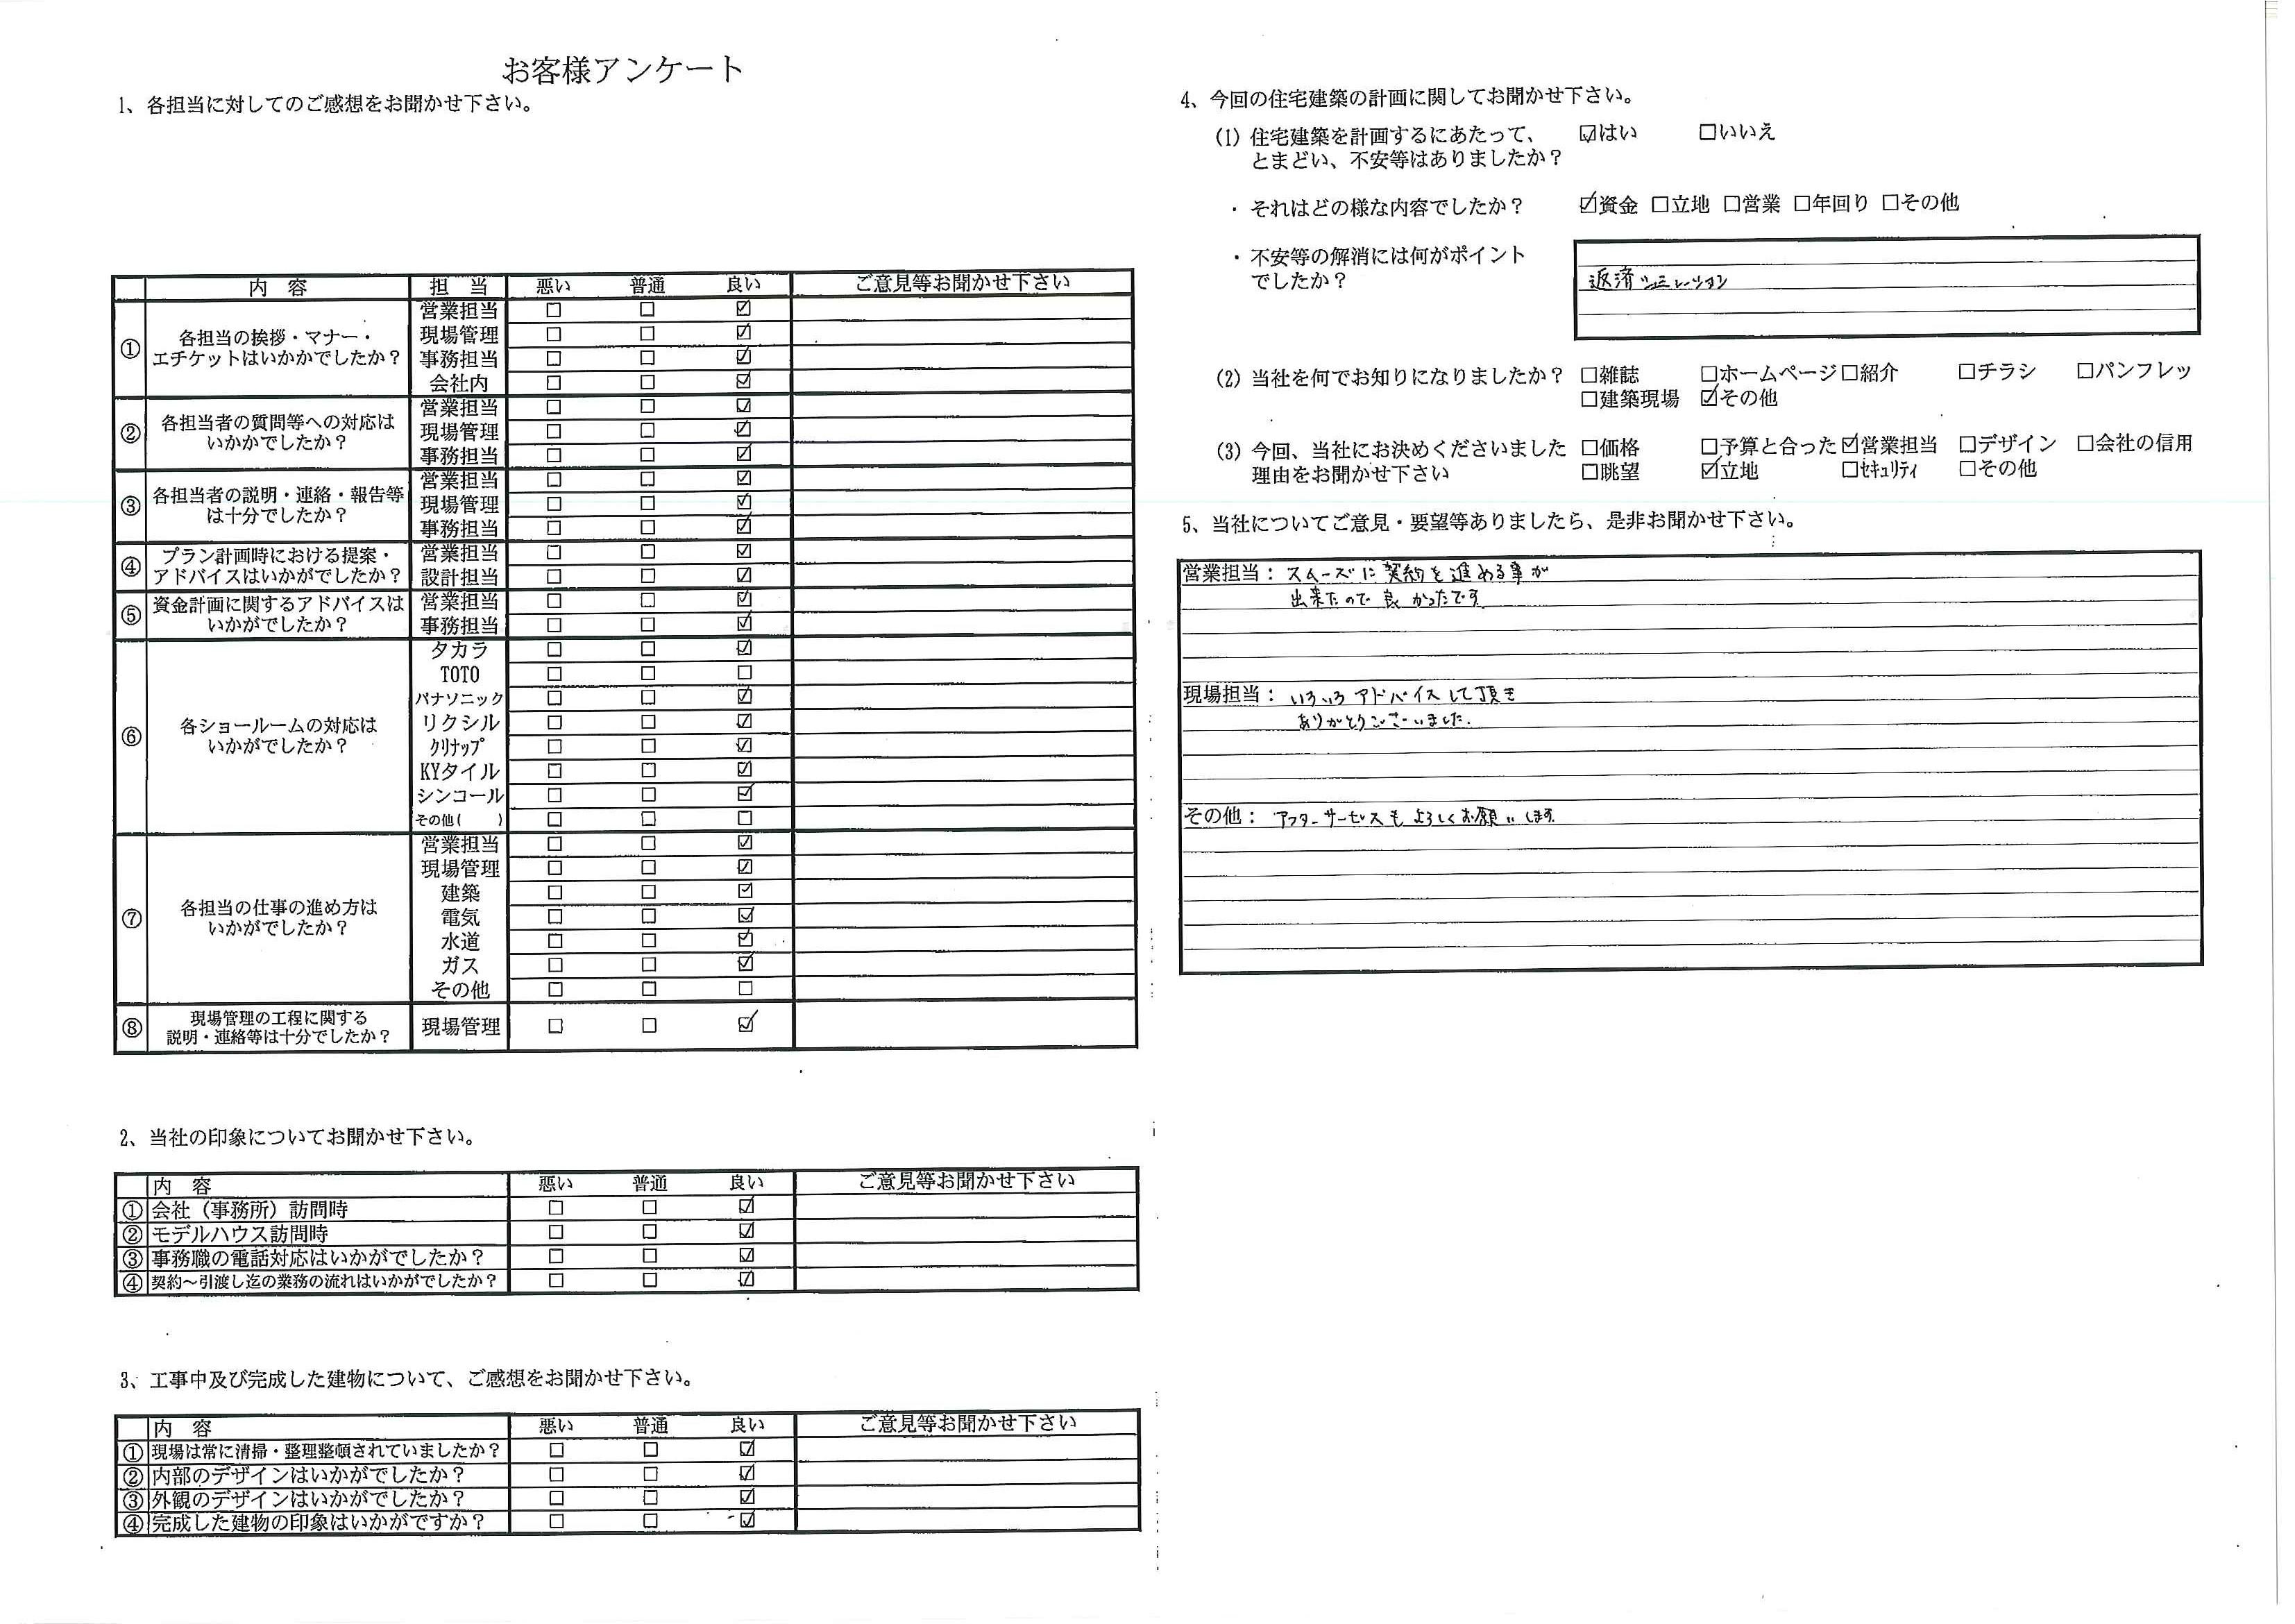 20171016_お客様アンケート